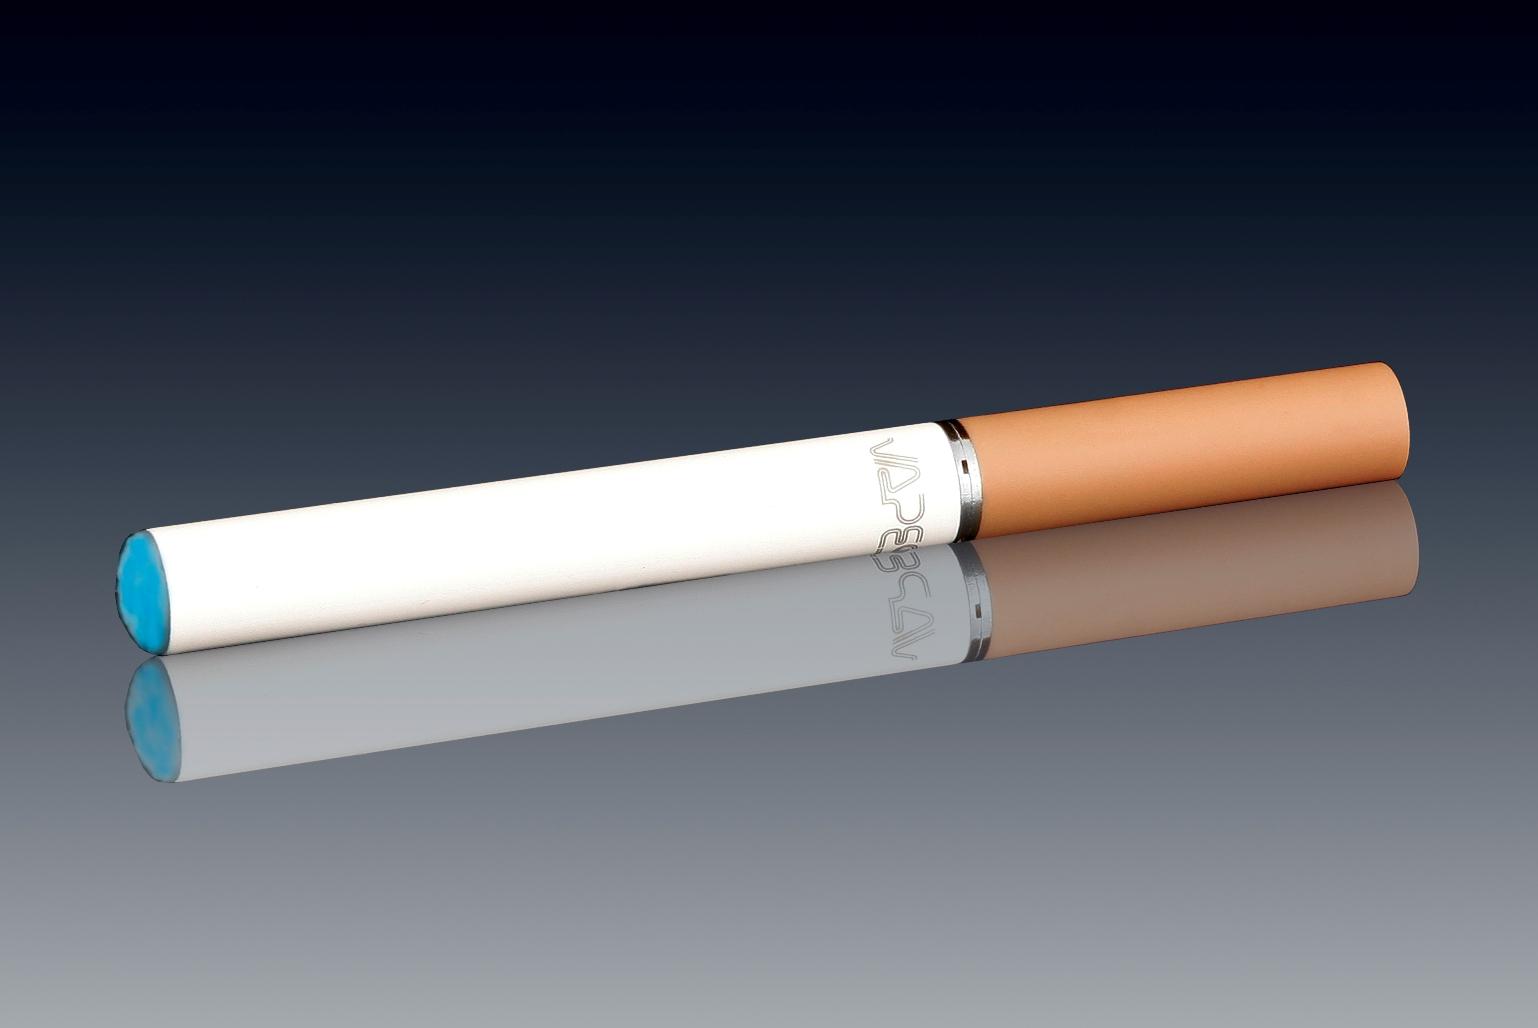 Disposable Electronic Cigarettes vs. E-Cigarette Starter Kits